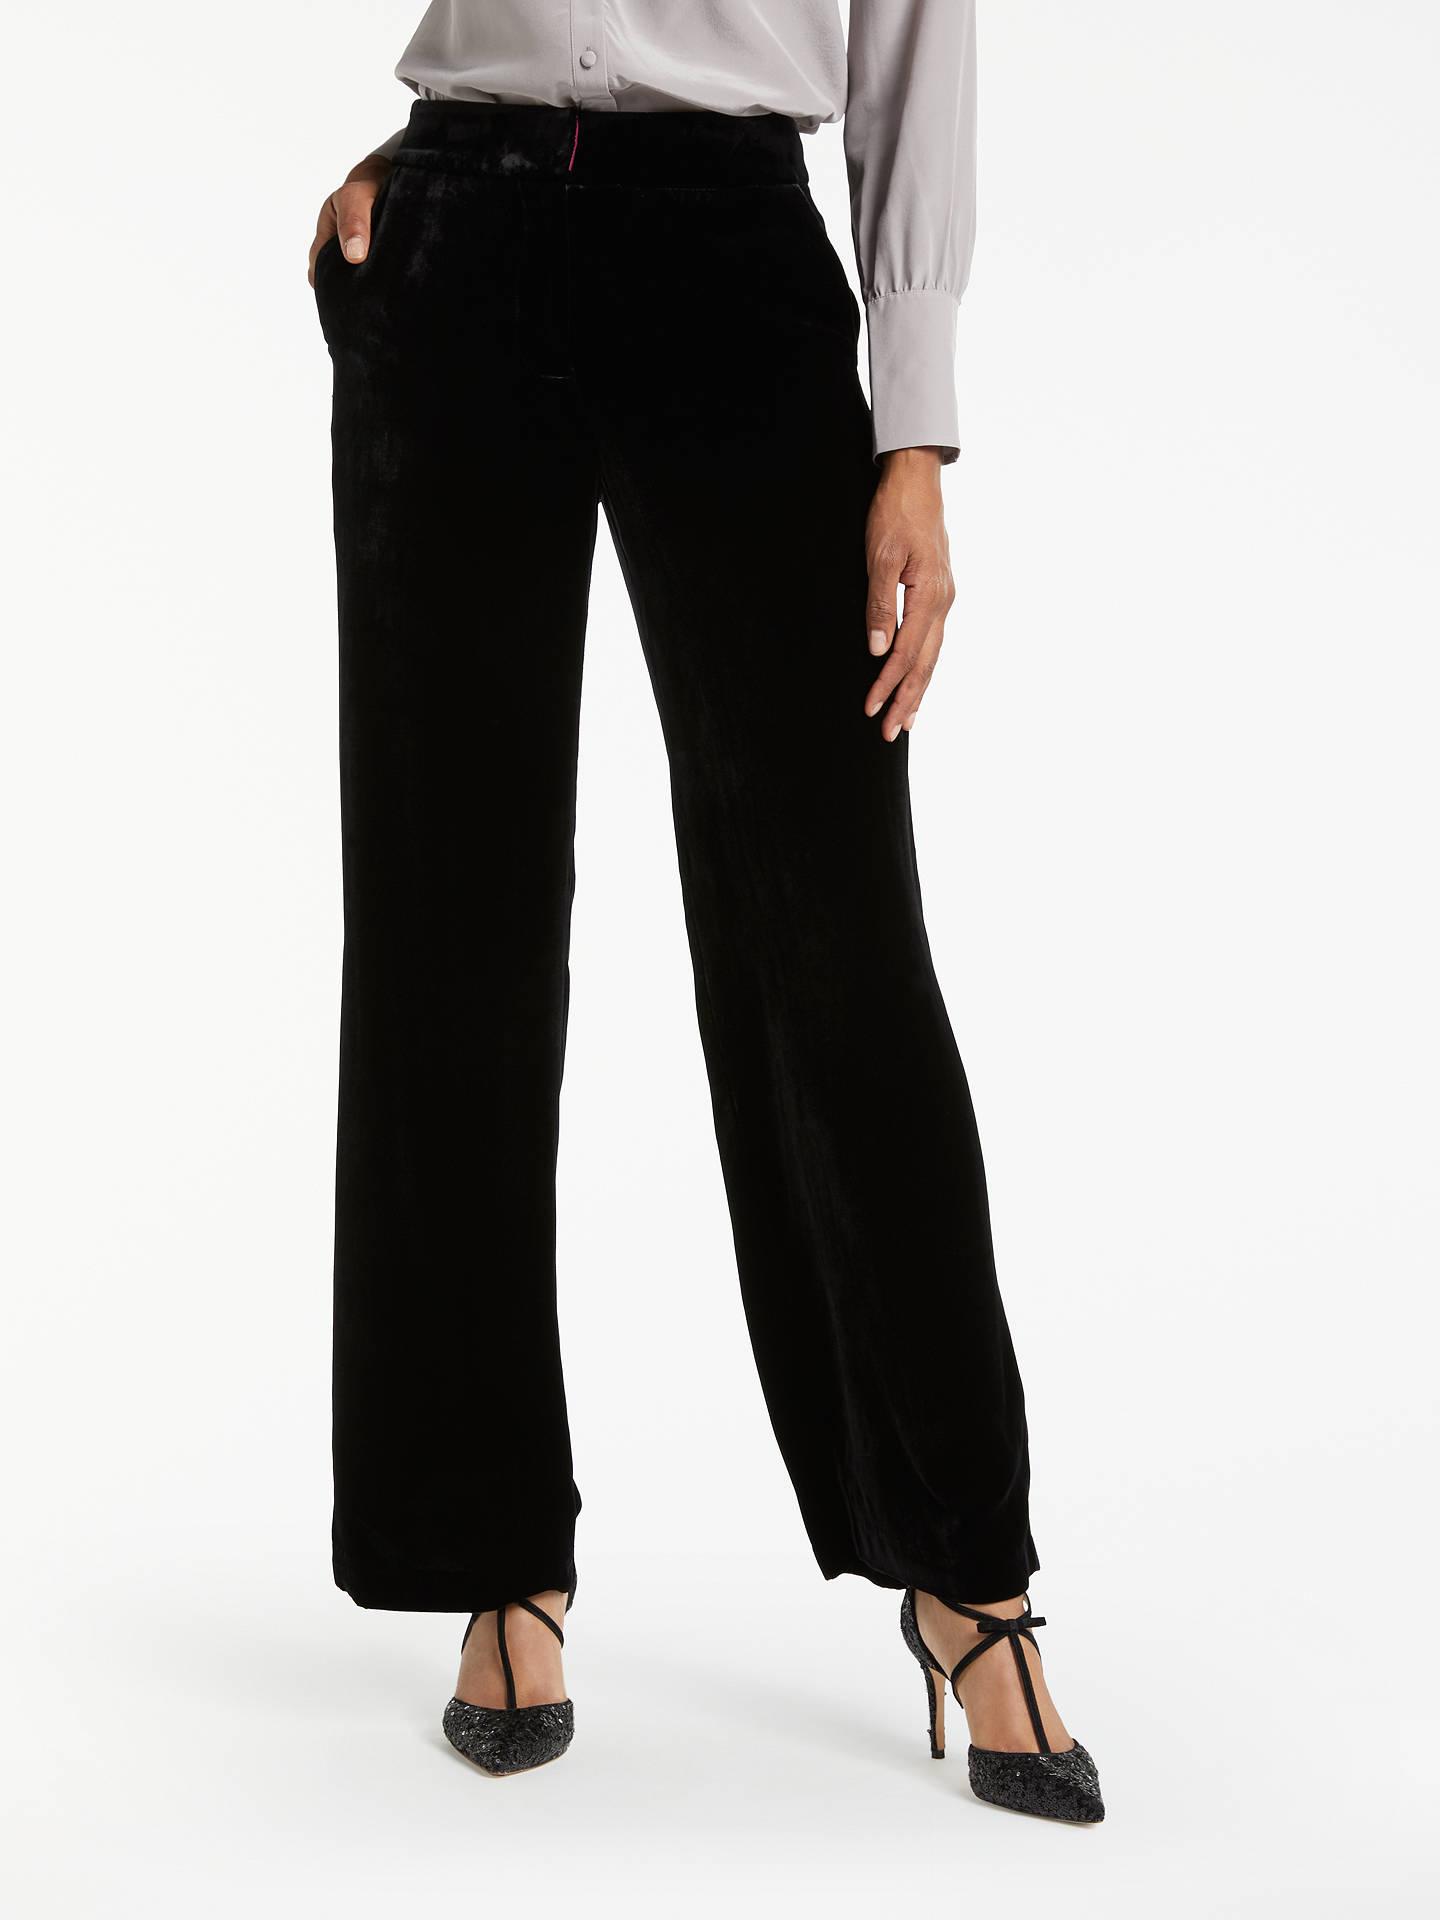 59991af498297 Buy Boden Velvet Wide Leg Trousers, Black, 8 Online at johnlewis.com ...